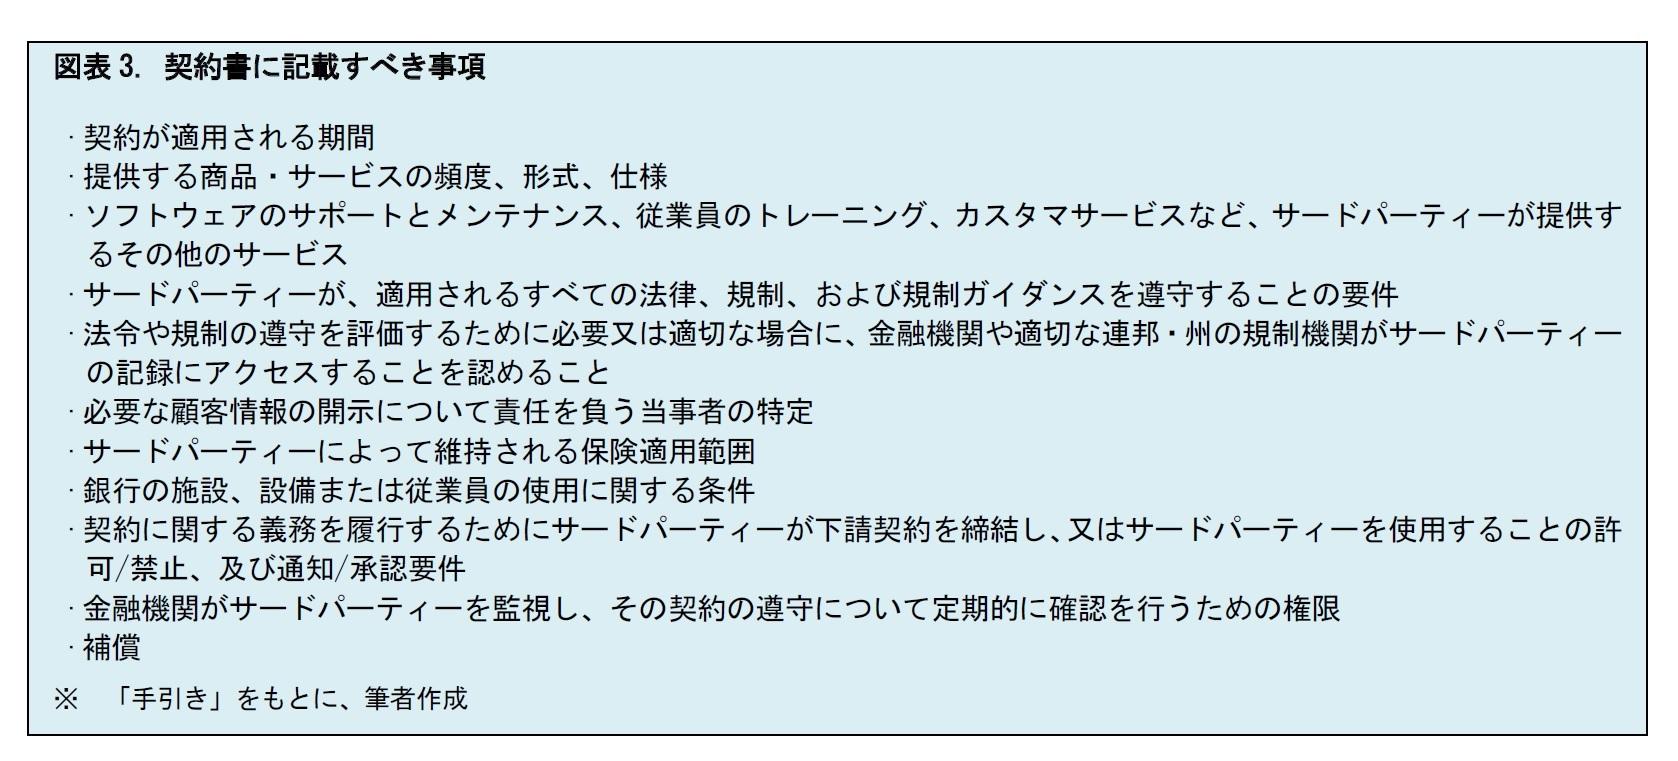 図表3. 契約書に記載すべき事項